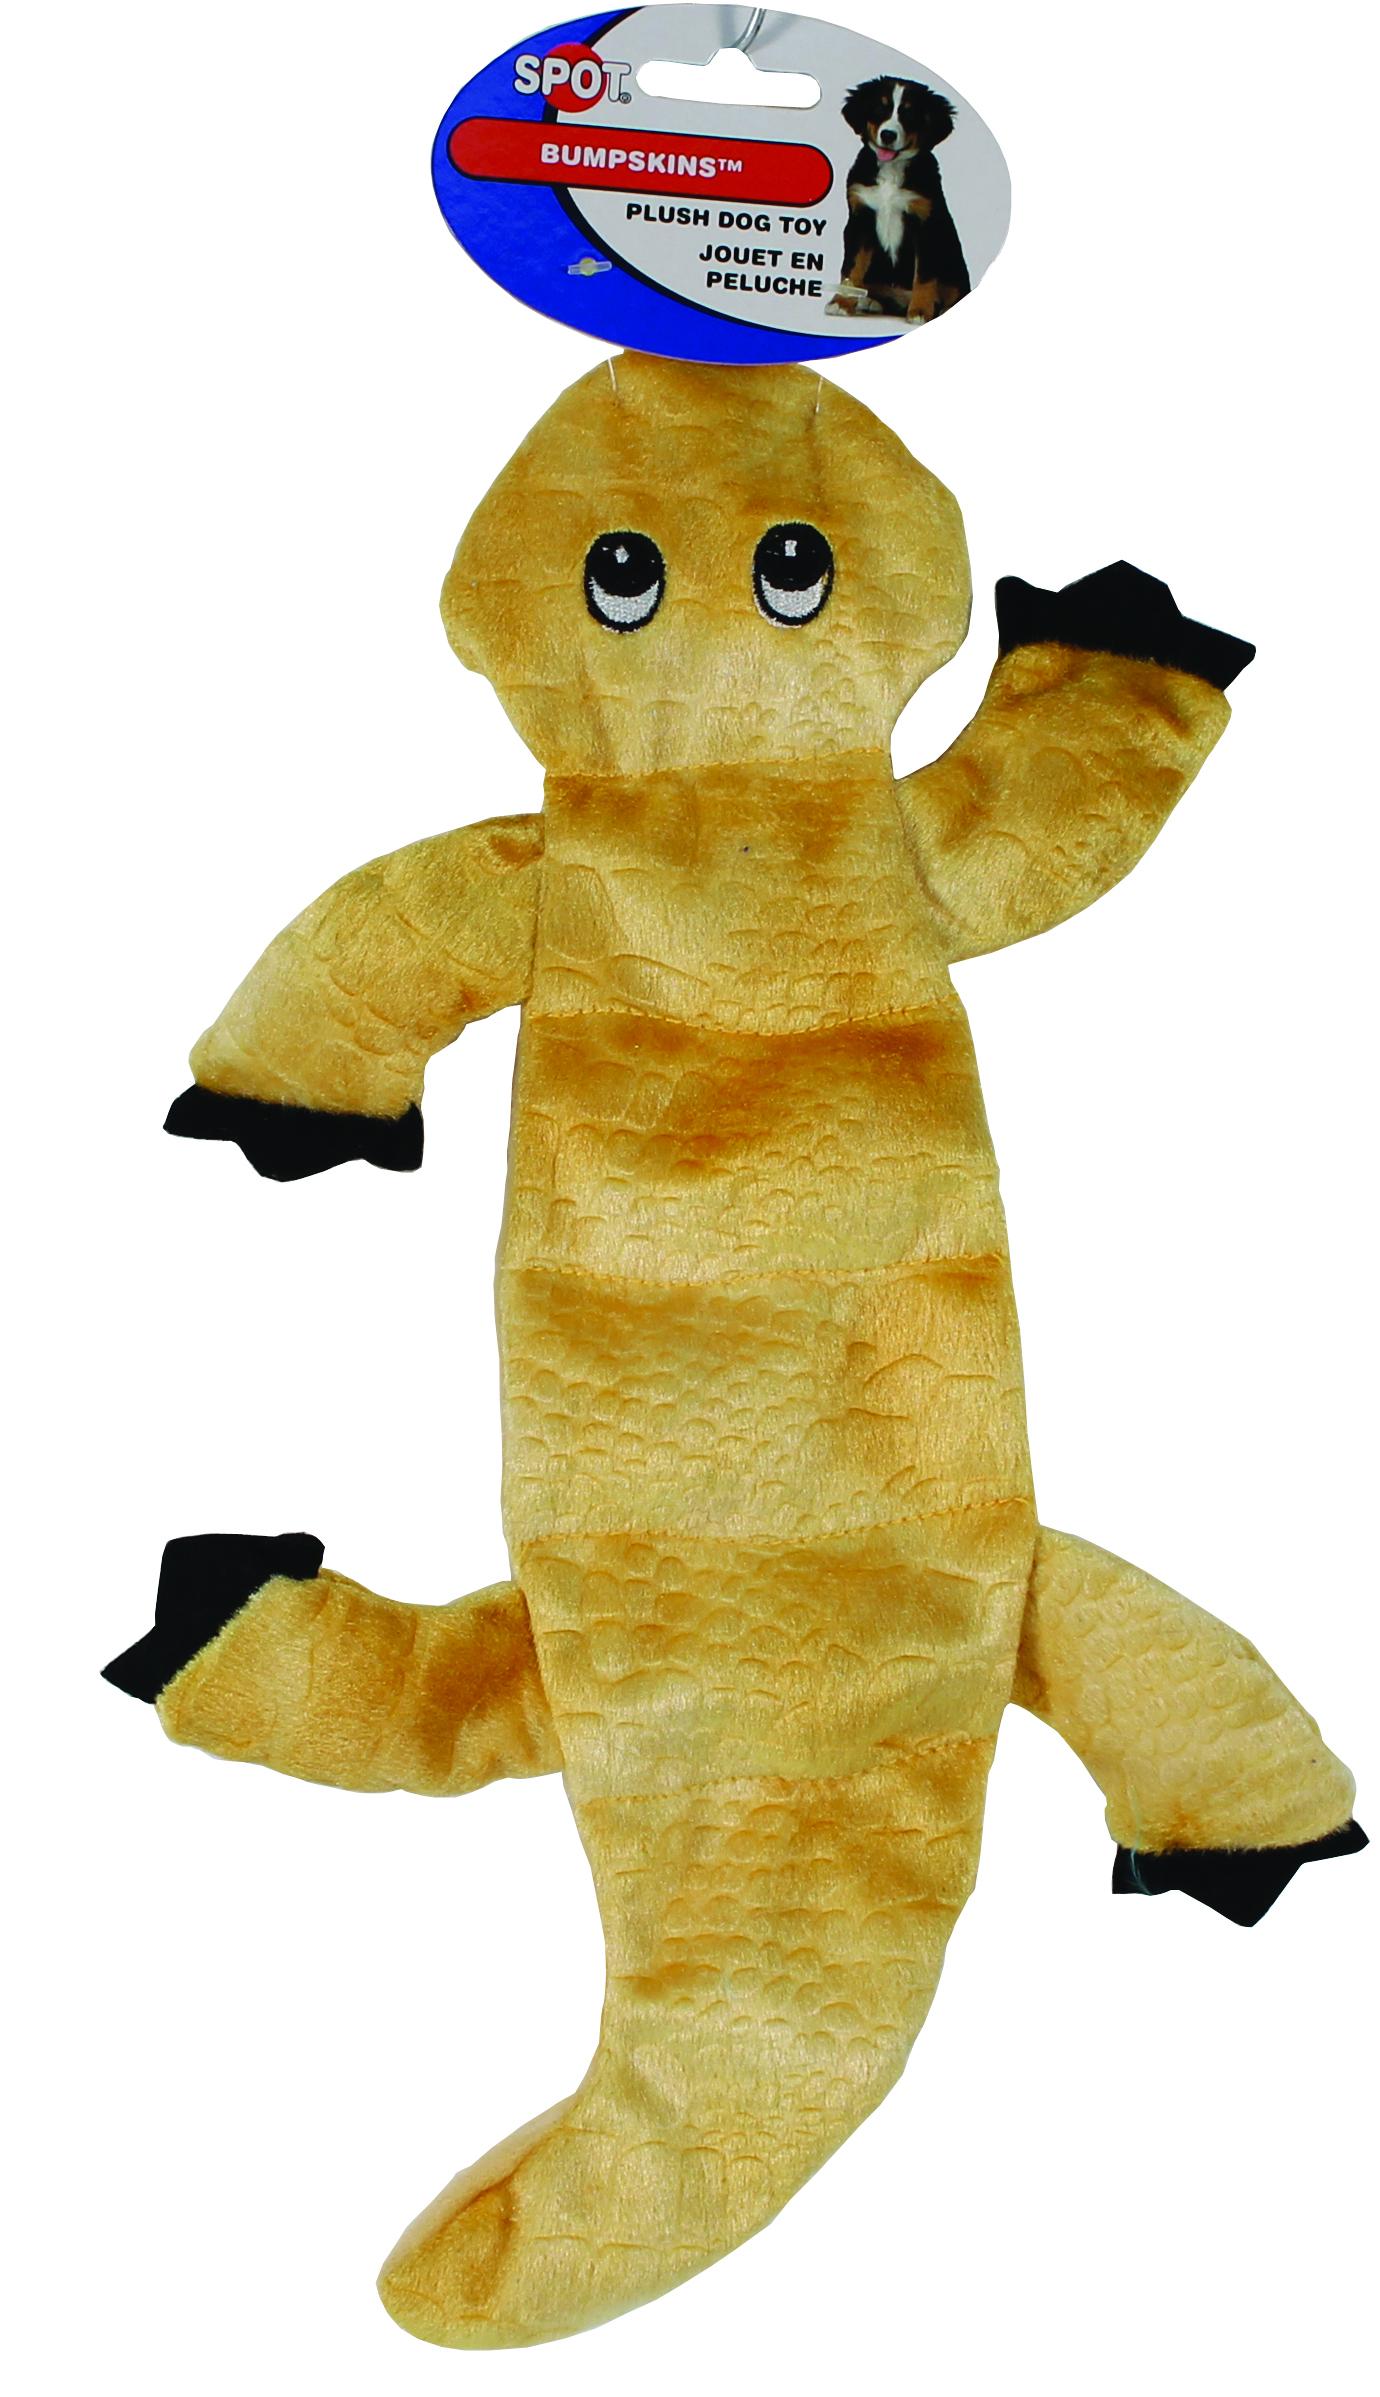 SPOT Bumpskins 6 Squeaker Lizard